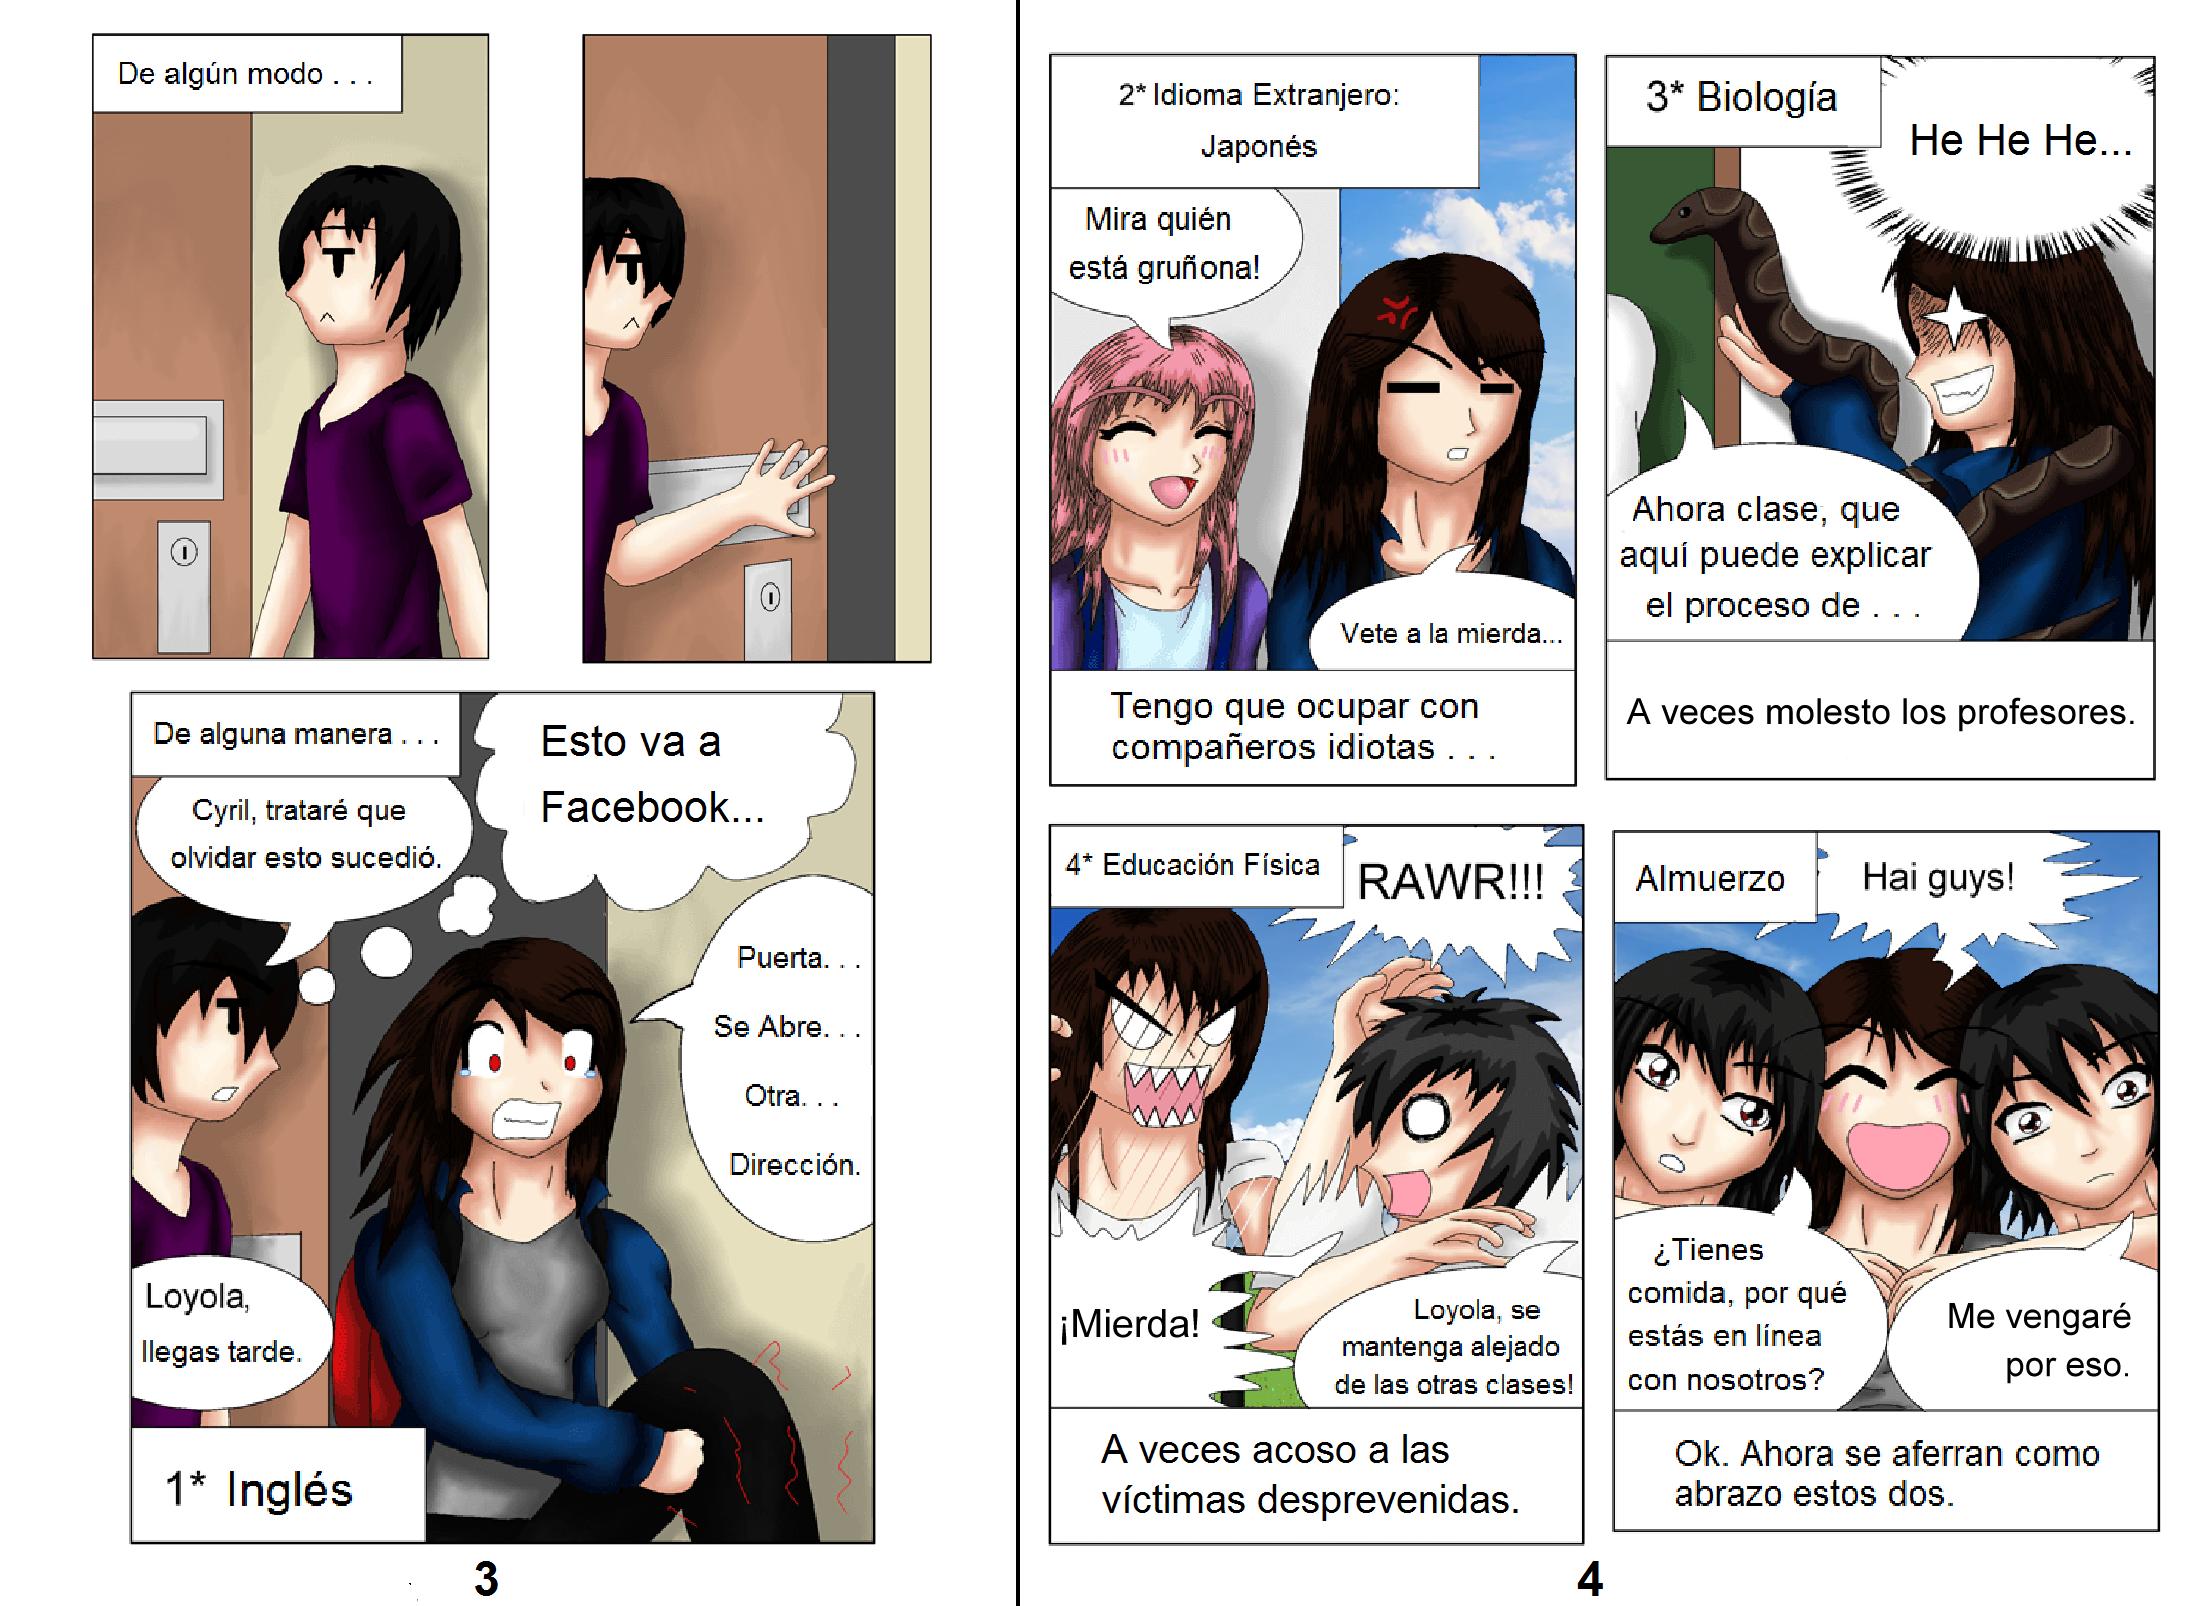 Demon Hunters Capítulo 1 Página 3-4